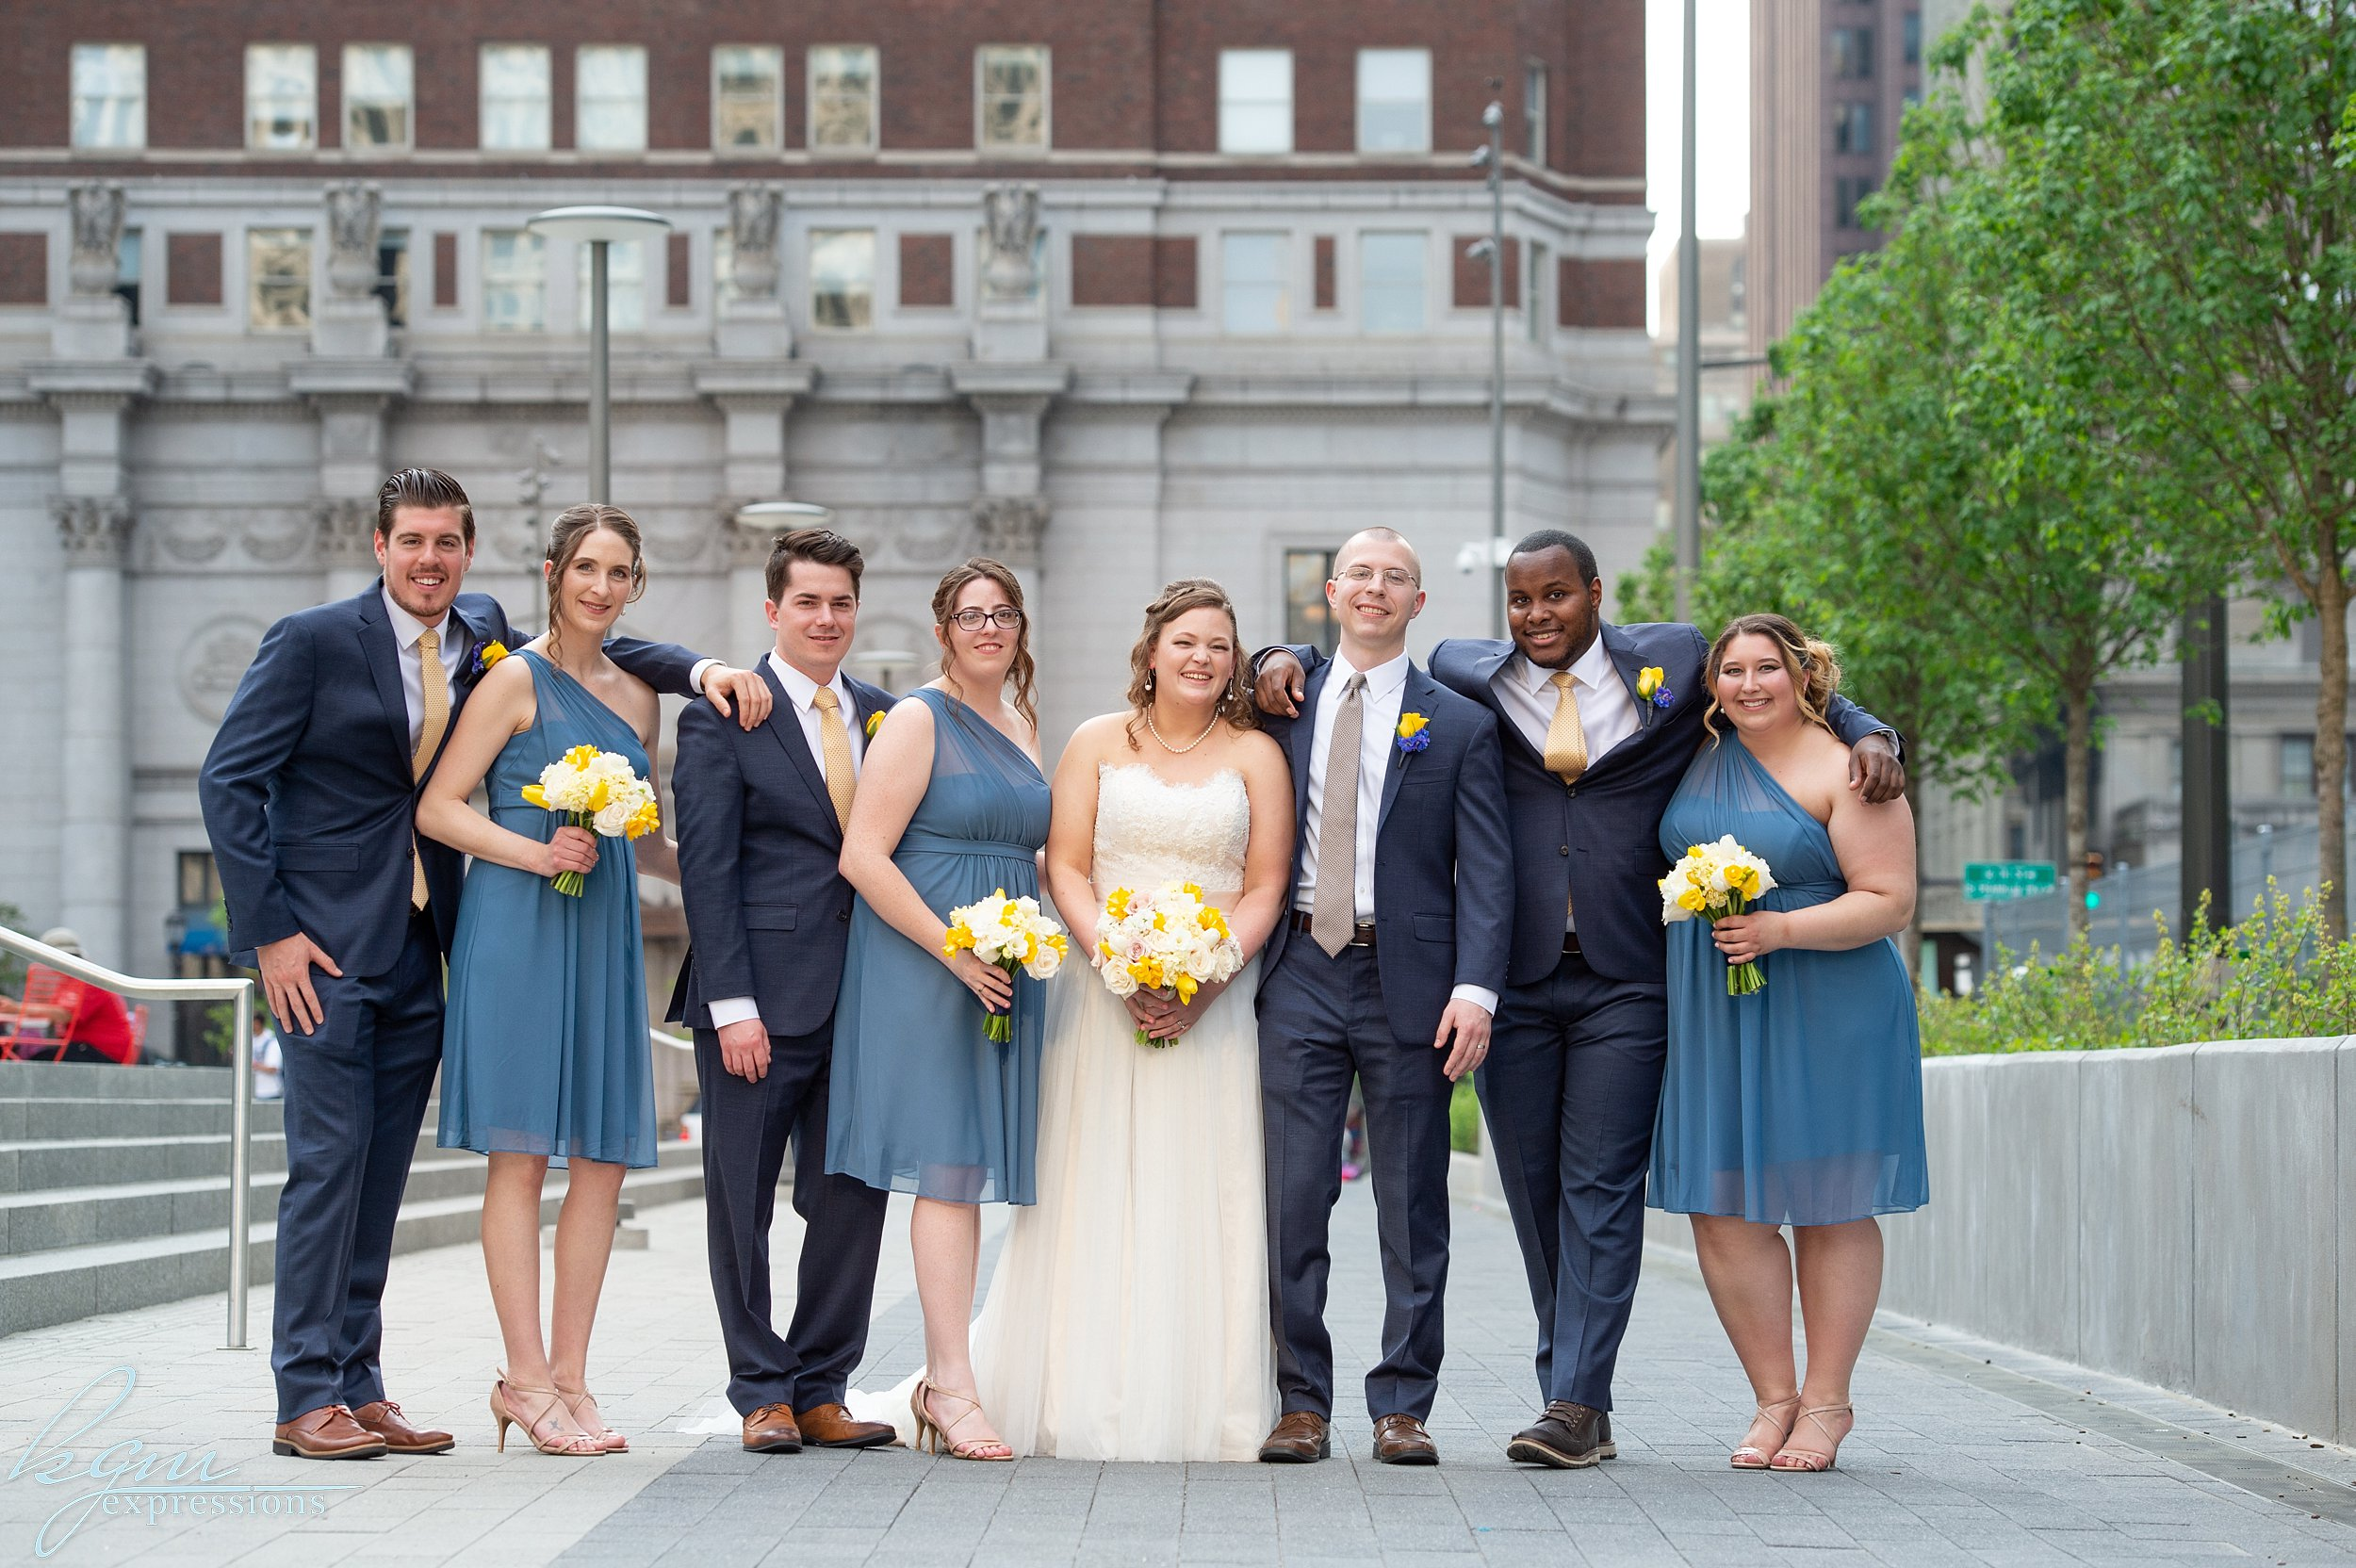 21_tir_na_nog_wedding.jpg